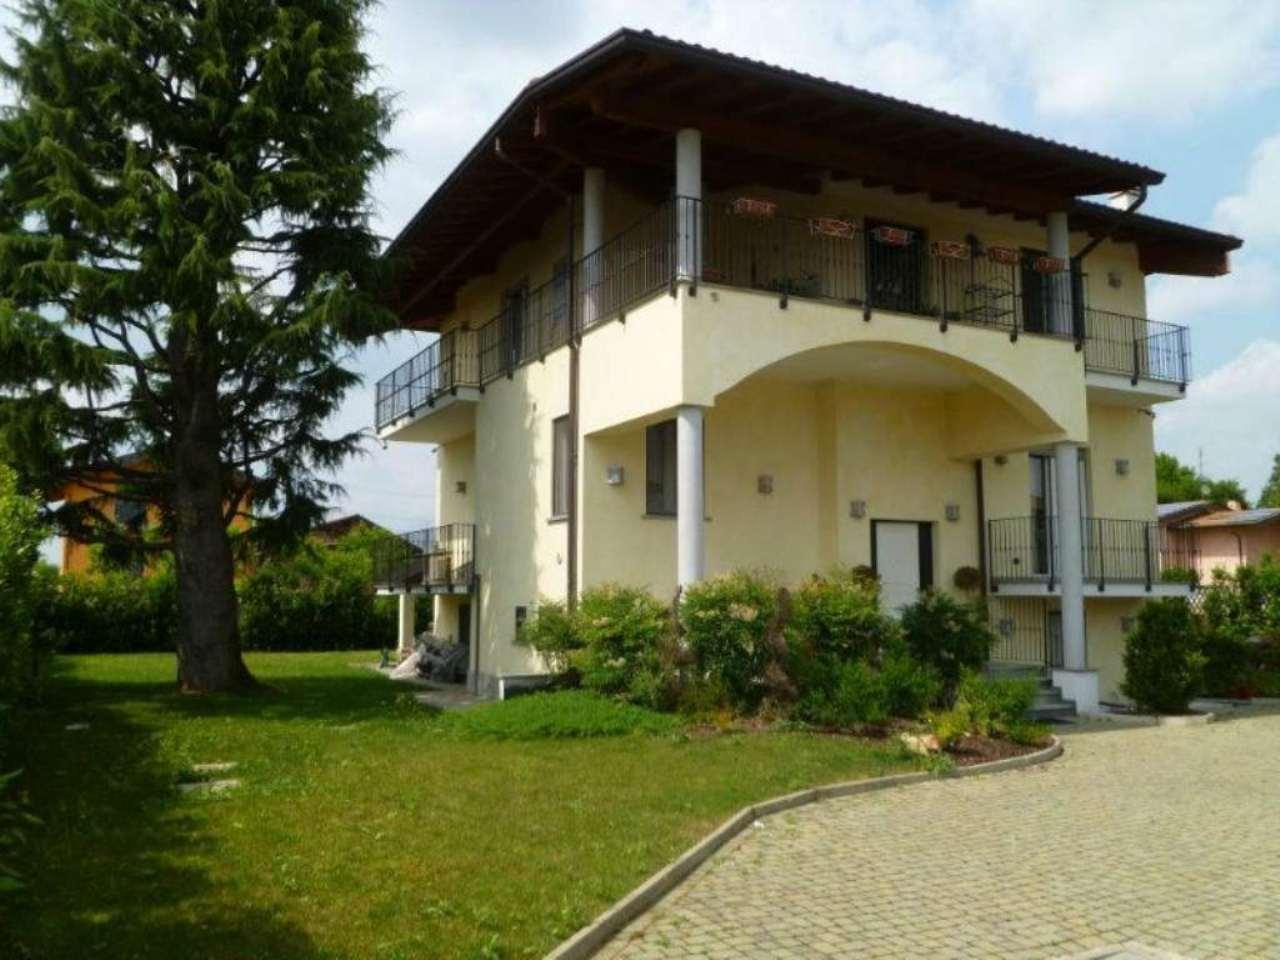 Villa in vendita a Cislago, 5 locali, prezzo € 1.000.000 | Cambio Casa.it